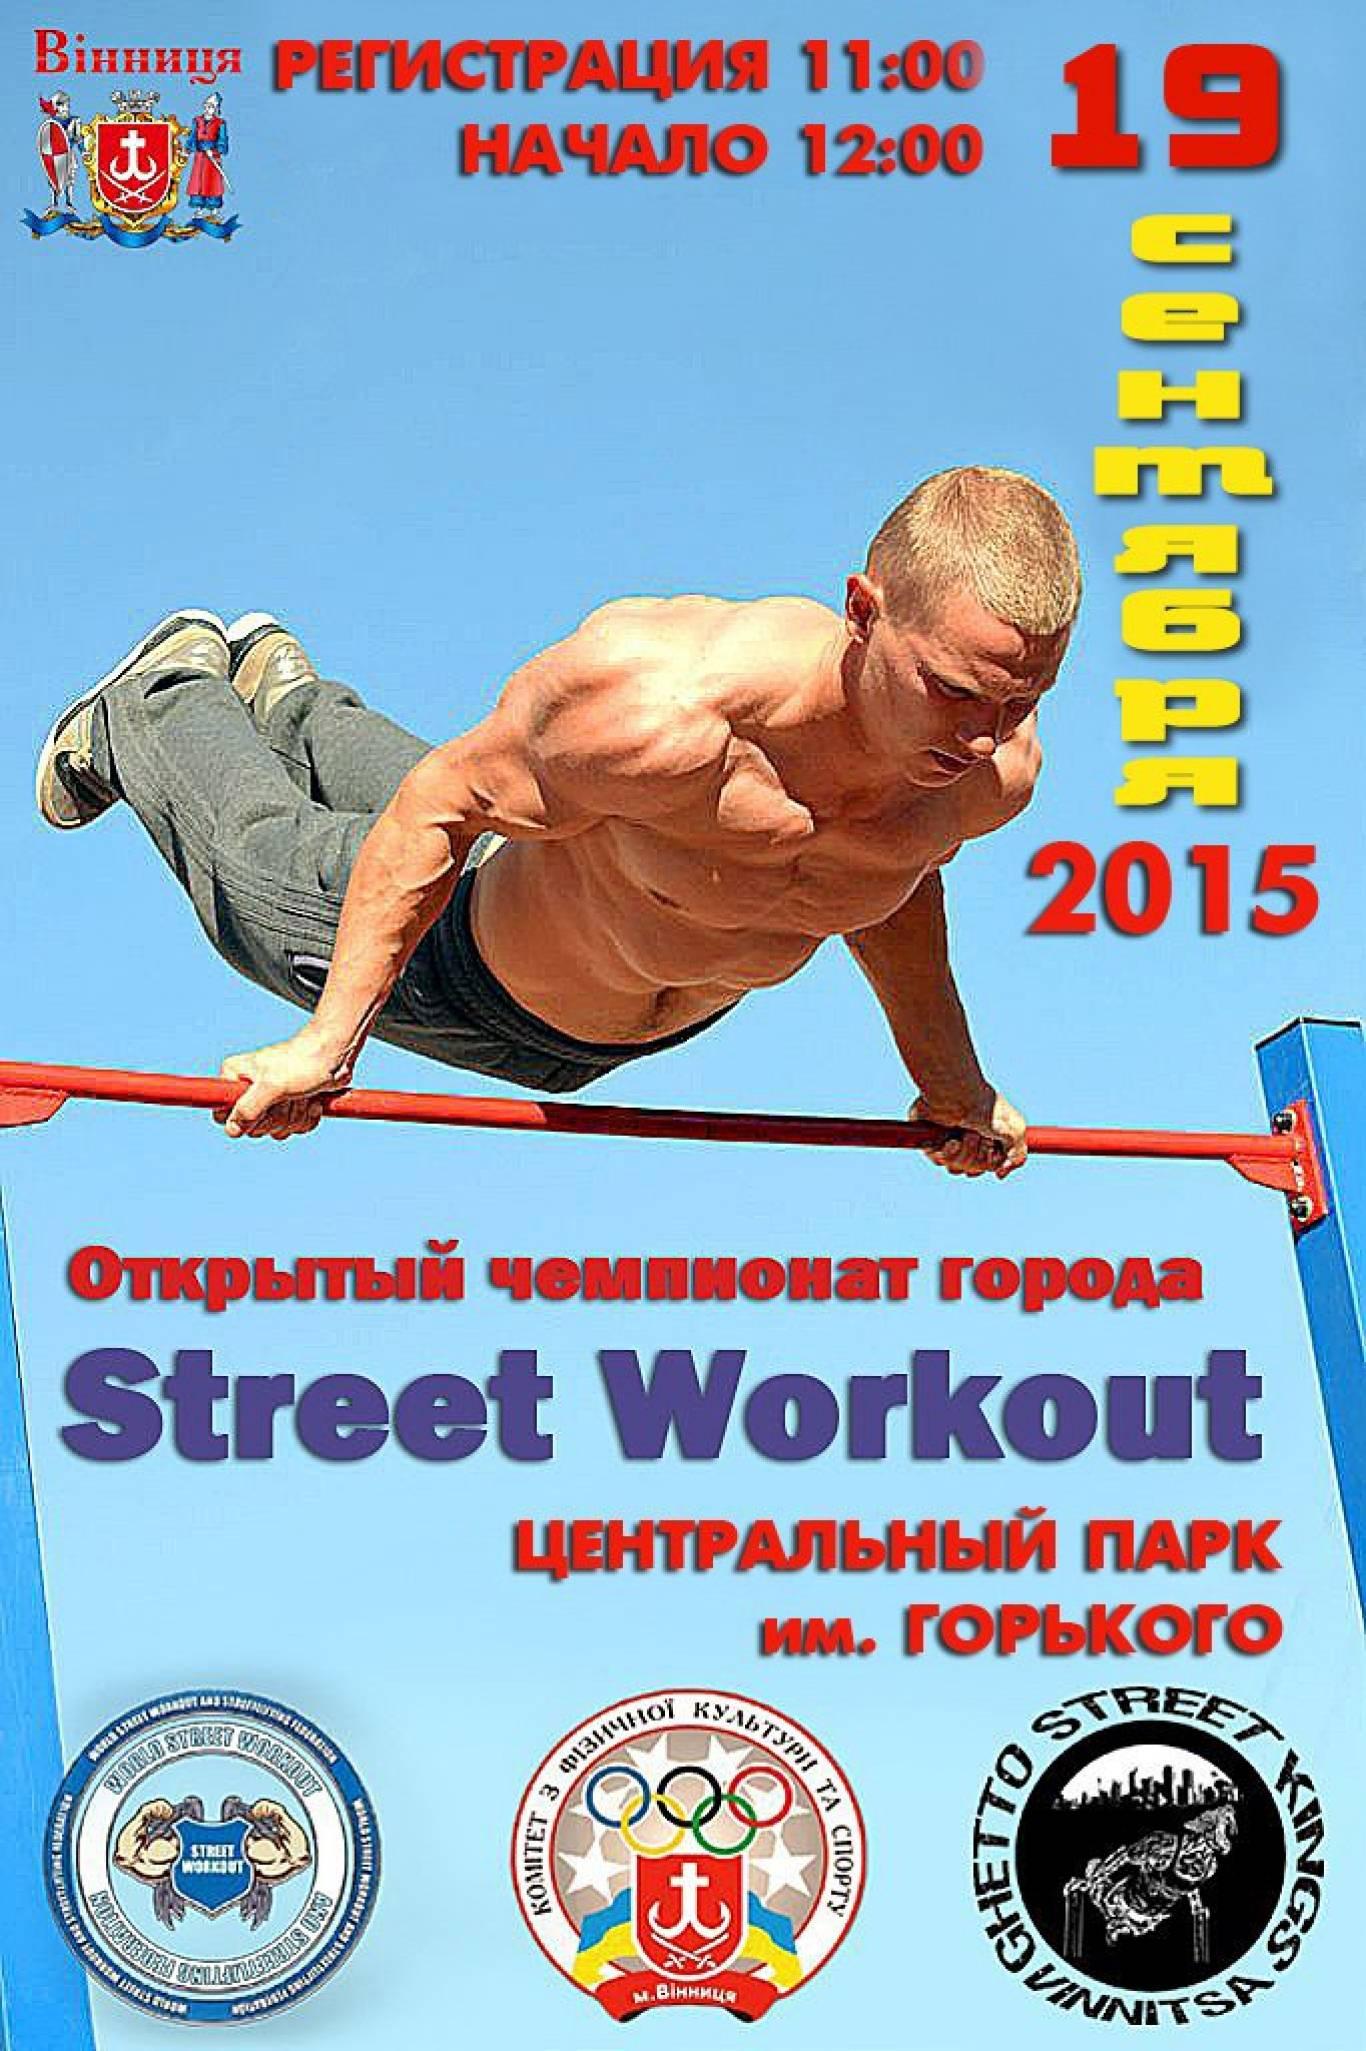 Відкритий чемпіонат Вінниці по STREET WORKOUT